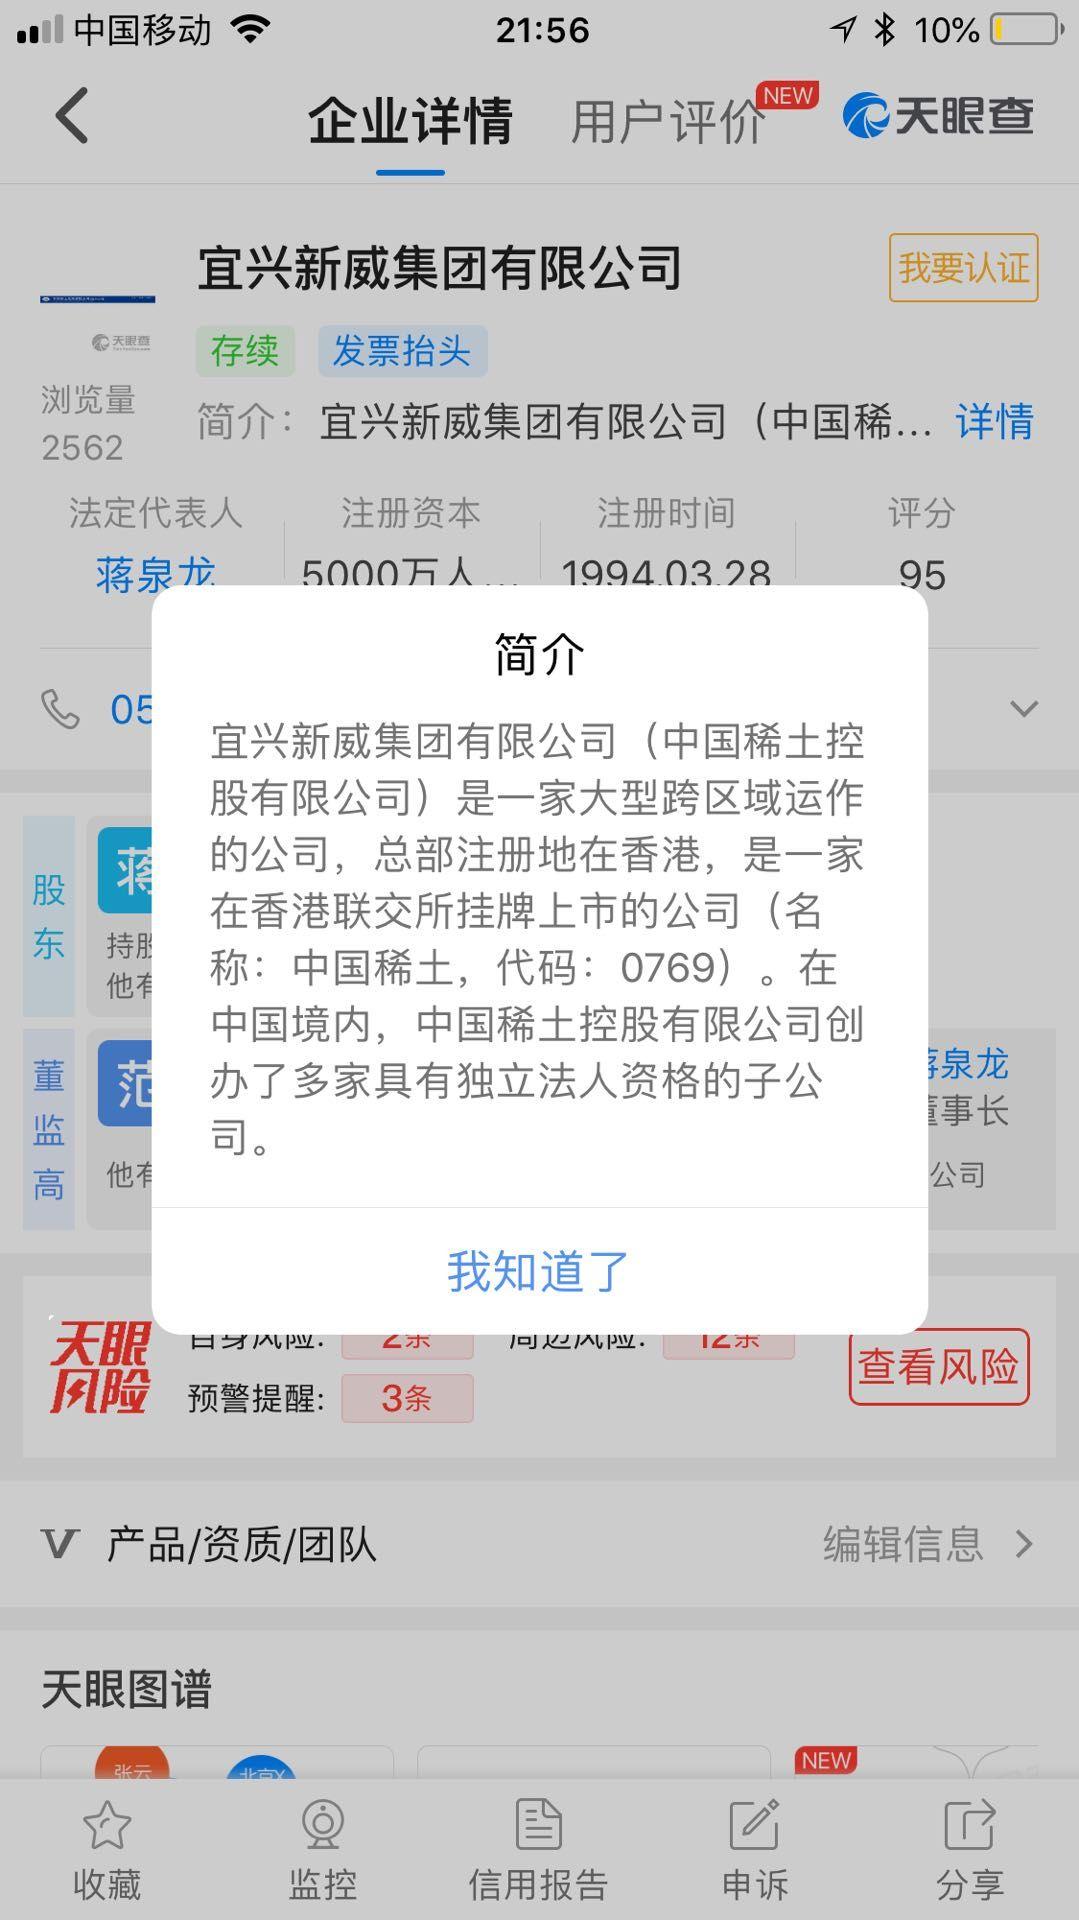 41.8万元账单背后:疑似埋单人拥豪车2亿 老爸公司成仙股